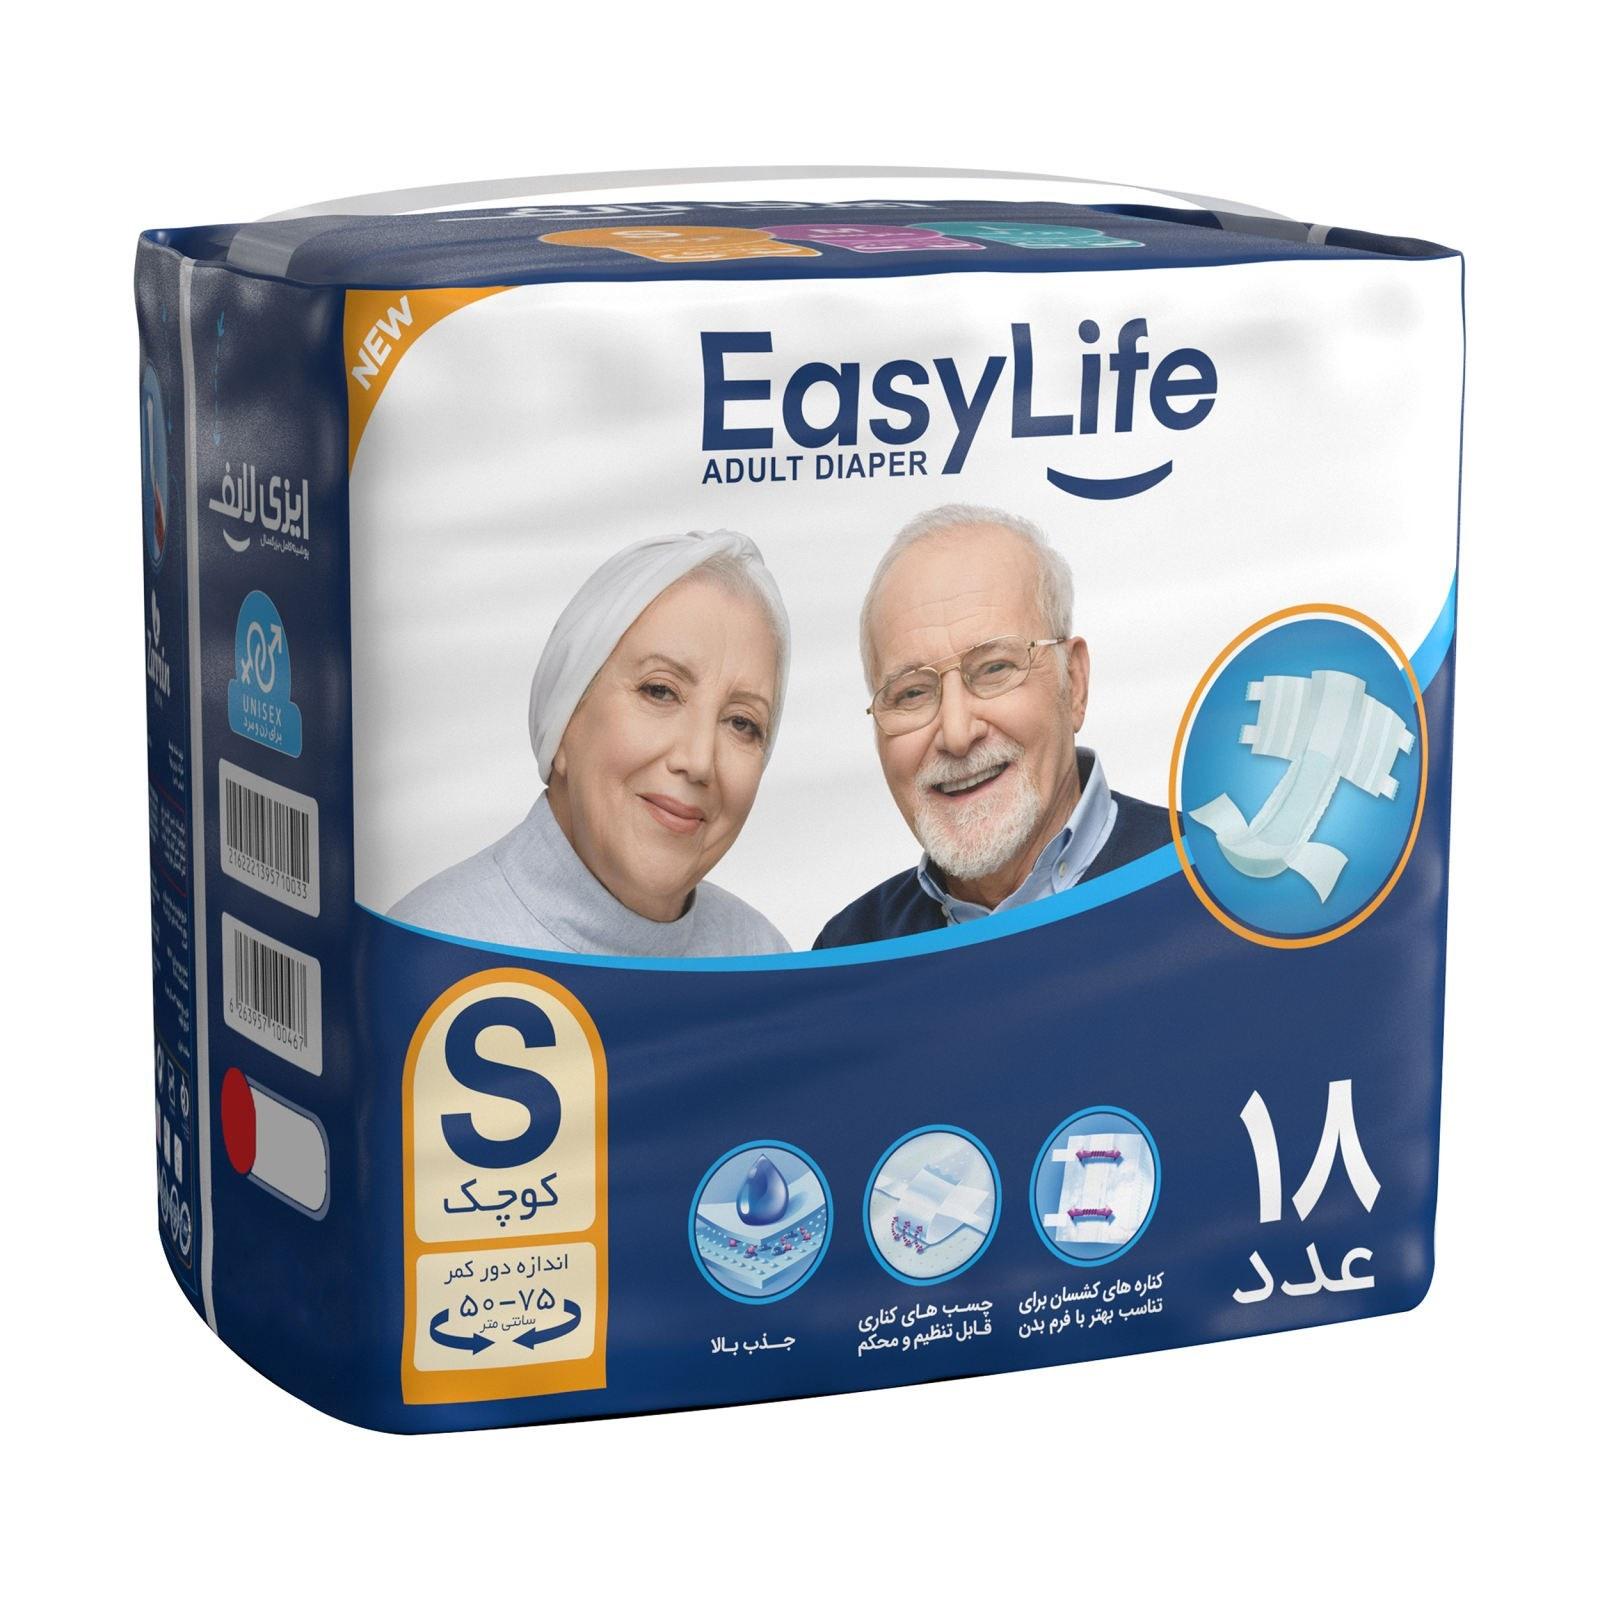 تصویر پوشینه بزرگسال ایزی لایف سایز کوچک بسته 18 عددی ا Easy Life Small Adult Protective Diaper 18pc s Easy Life Small Adult Protective Diaper 18pc s